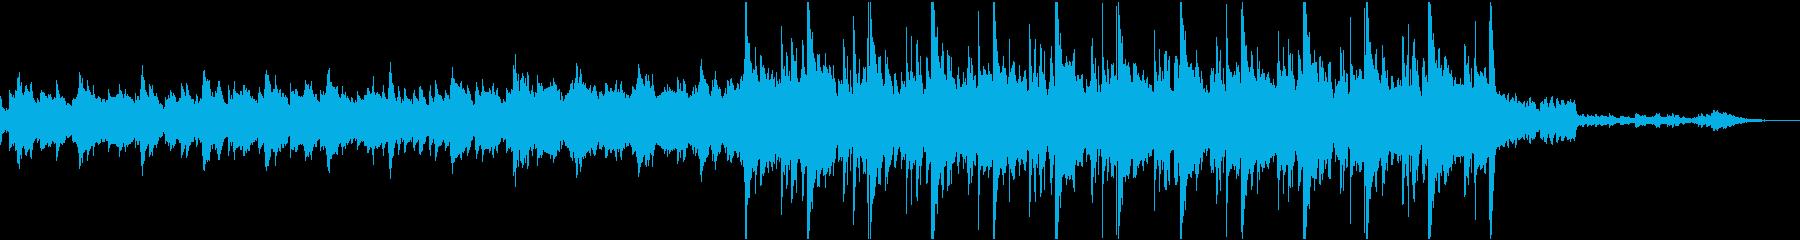 現代の交響曲 バラード あたたかい...の再生済みの波形